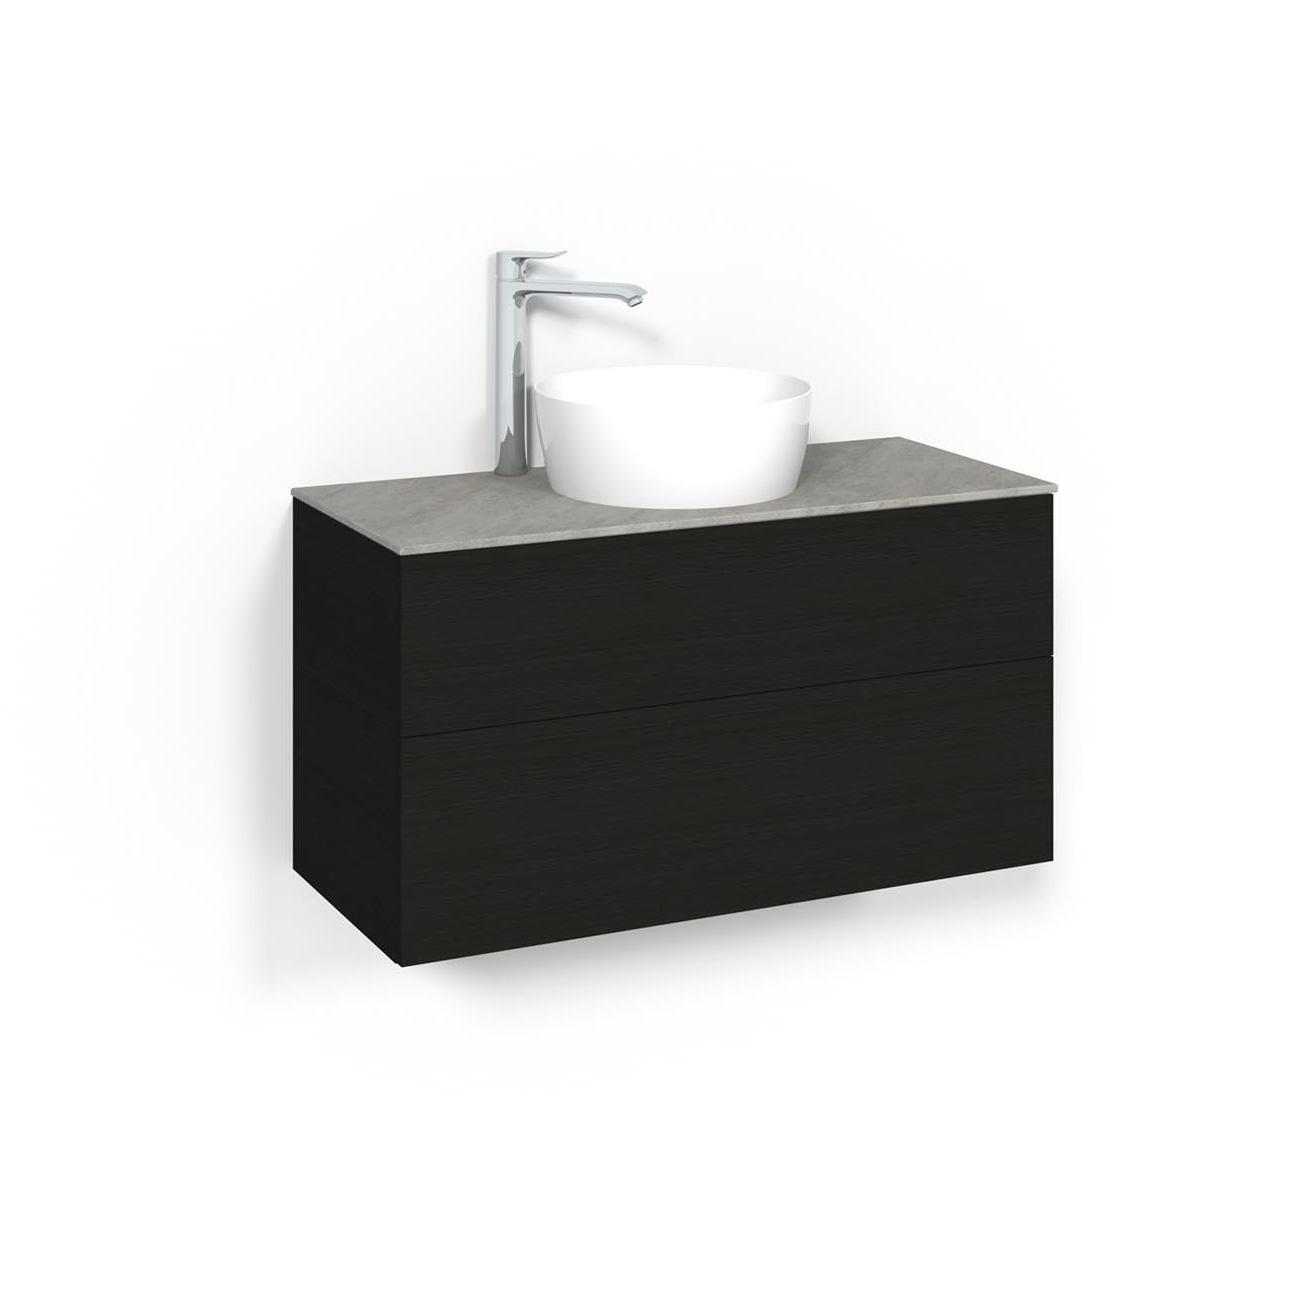 Tvättställsskåp Macro Design Crown Plain Ovanpåliggande Tvättställ